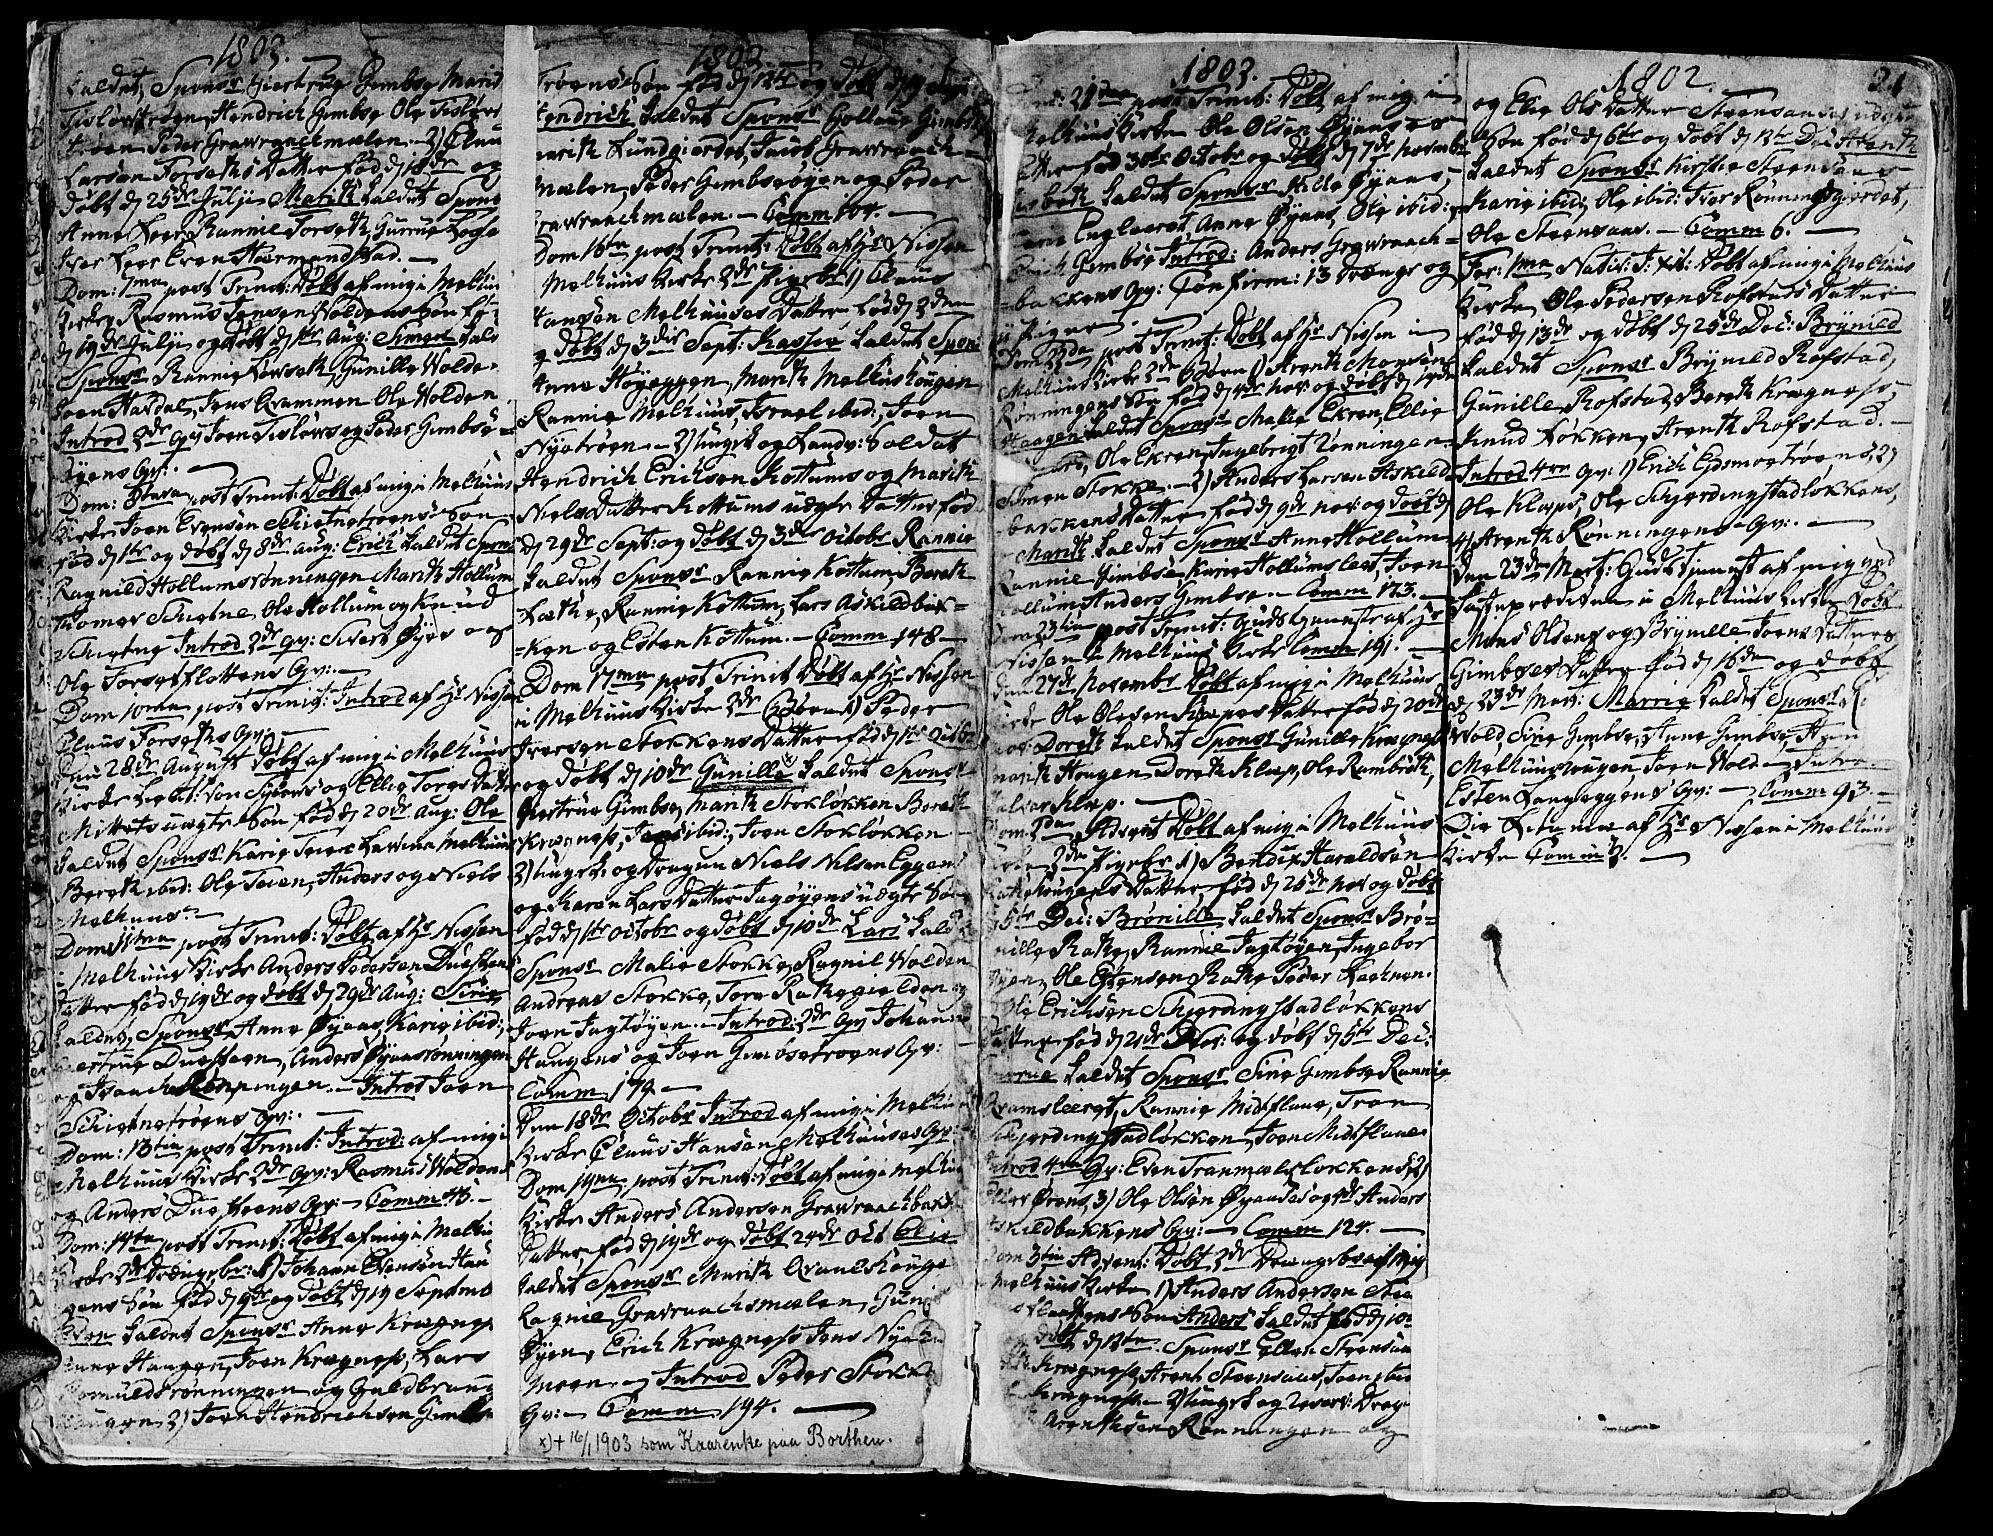 SAT, Ministerialprotokoller, klokkerbøker og fødselsregistre - Sør-Trøndelag, 691/L1061: Ministerialbok nr. 691A02 /1, 1768-1815, s. 21